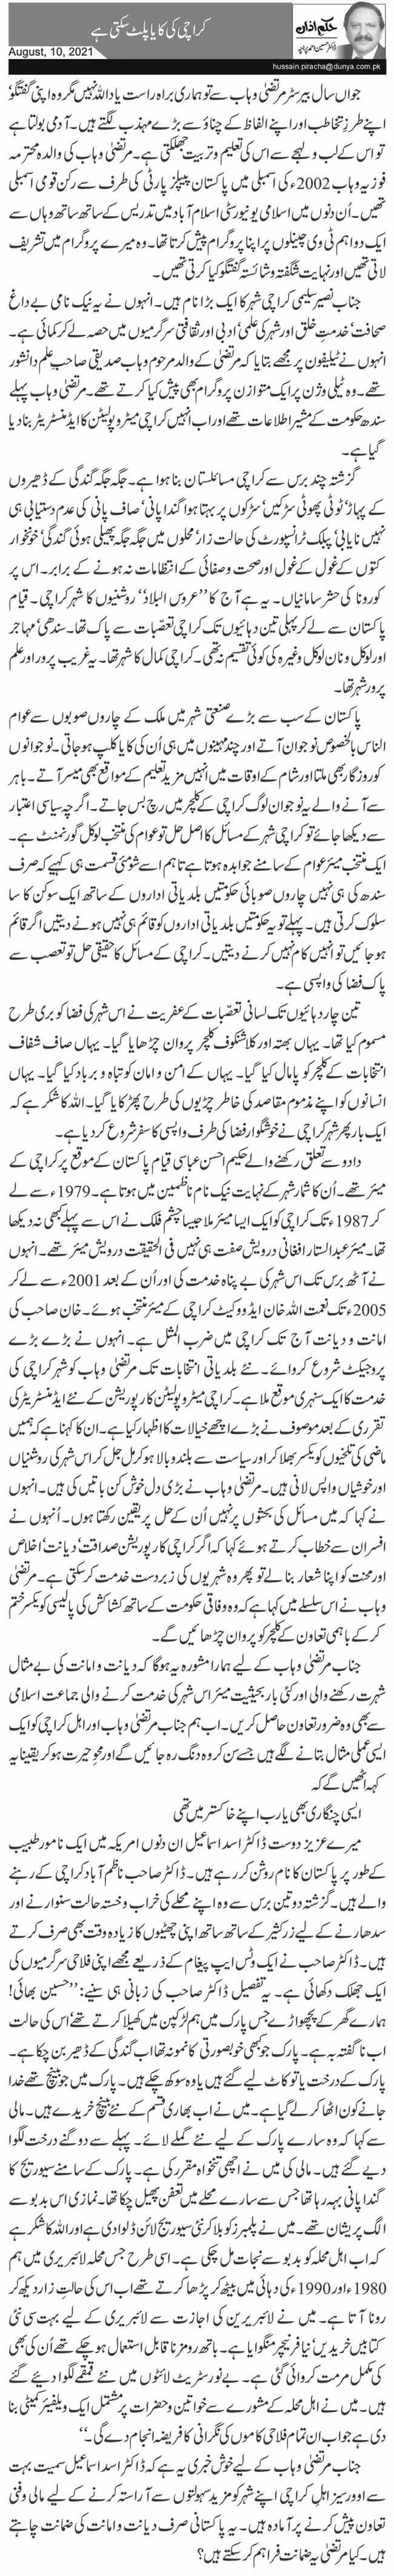 کراچی کی کایا پلٹ سکتی ہے